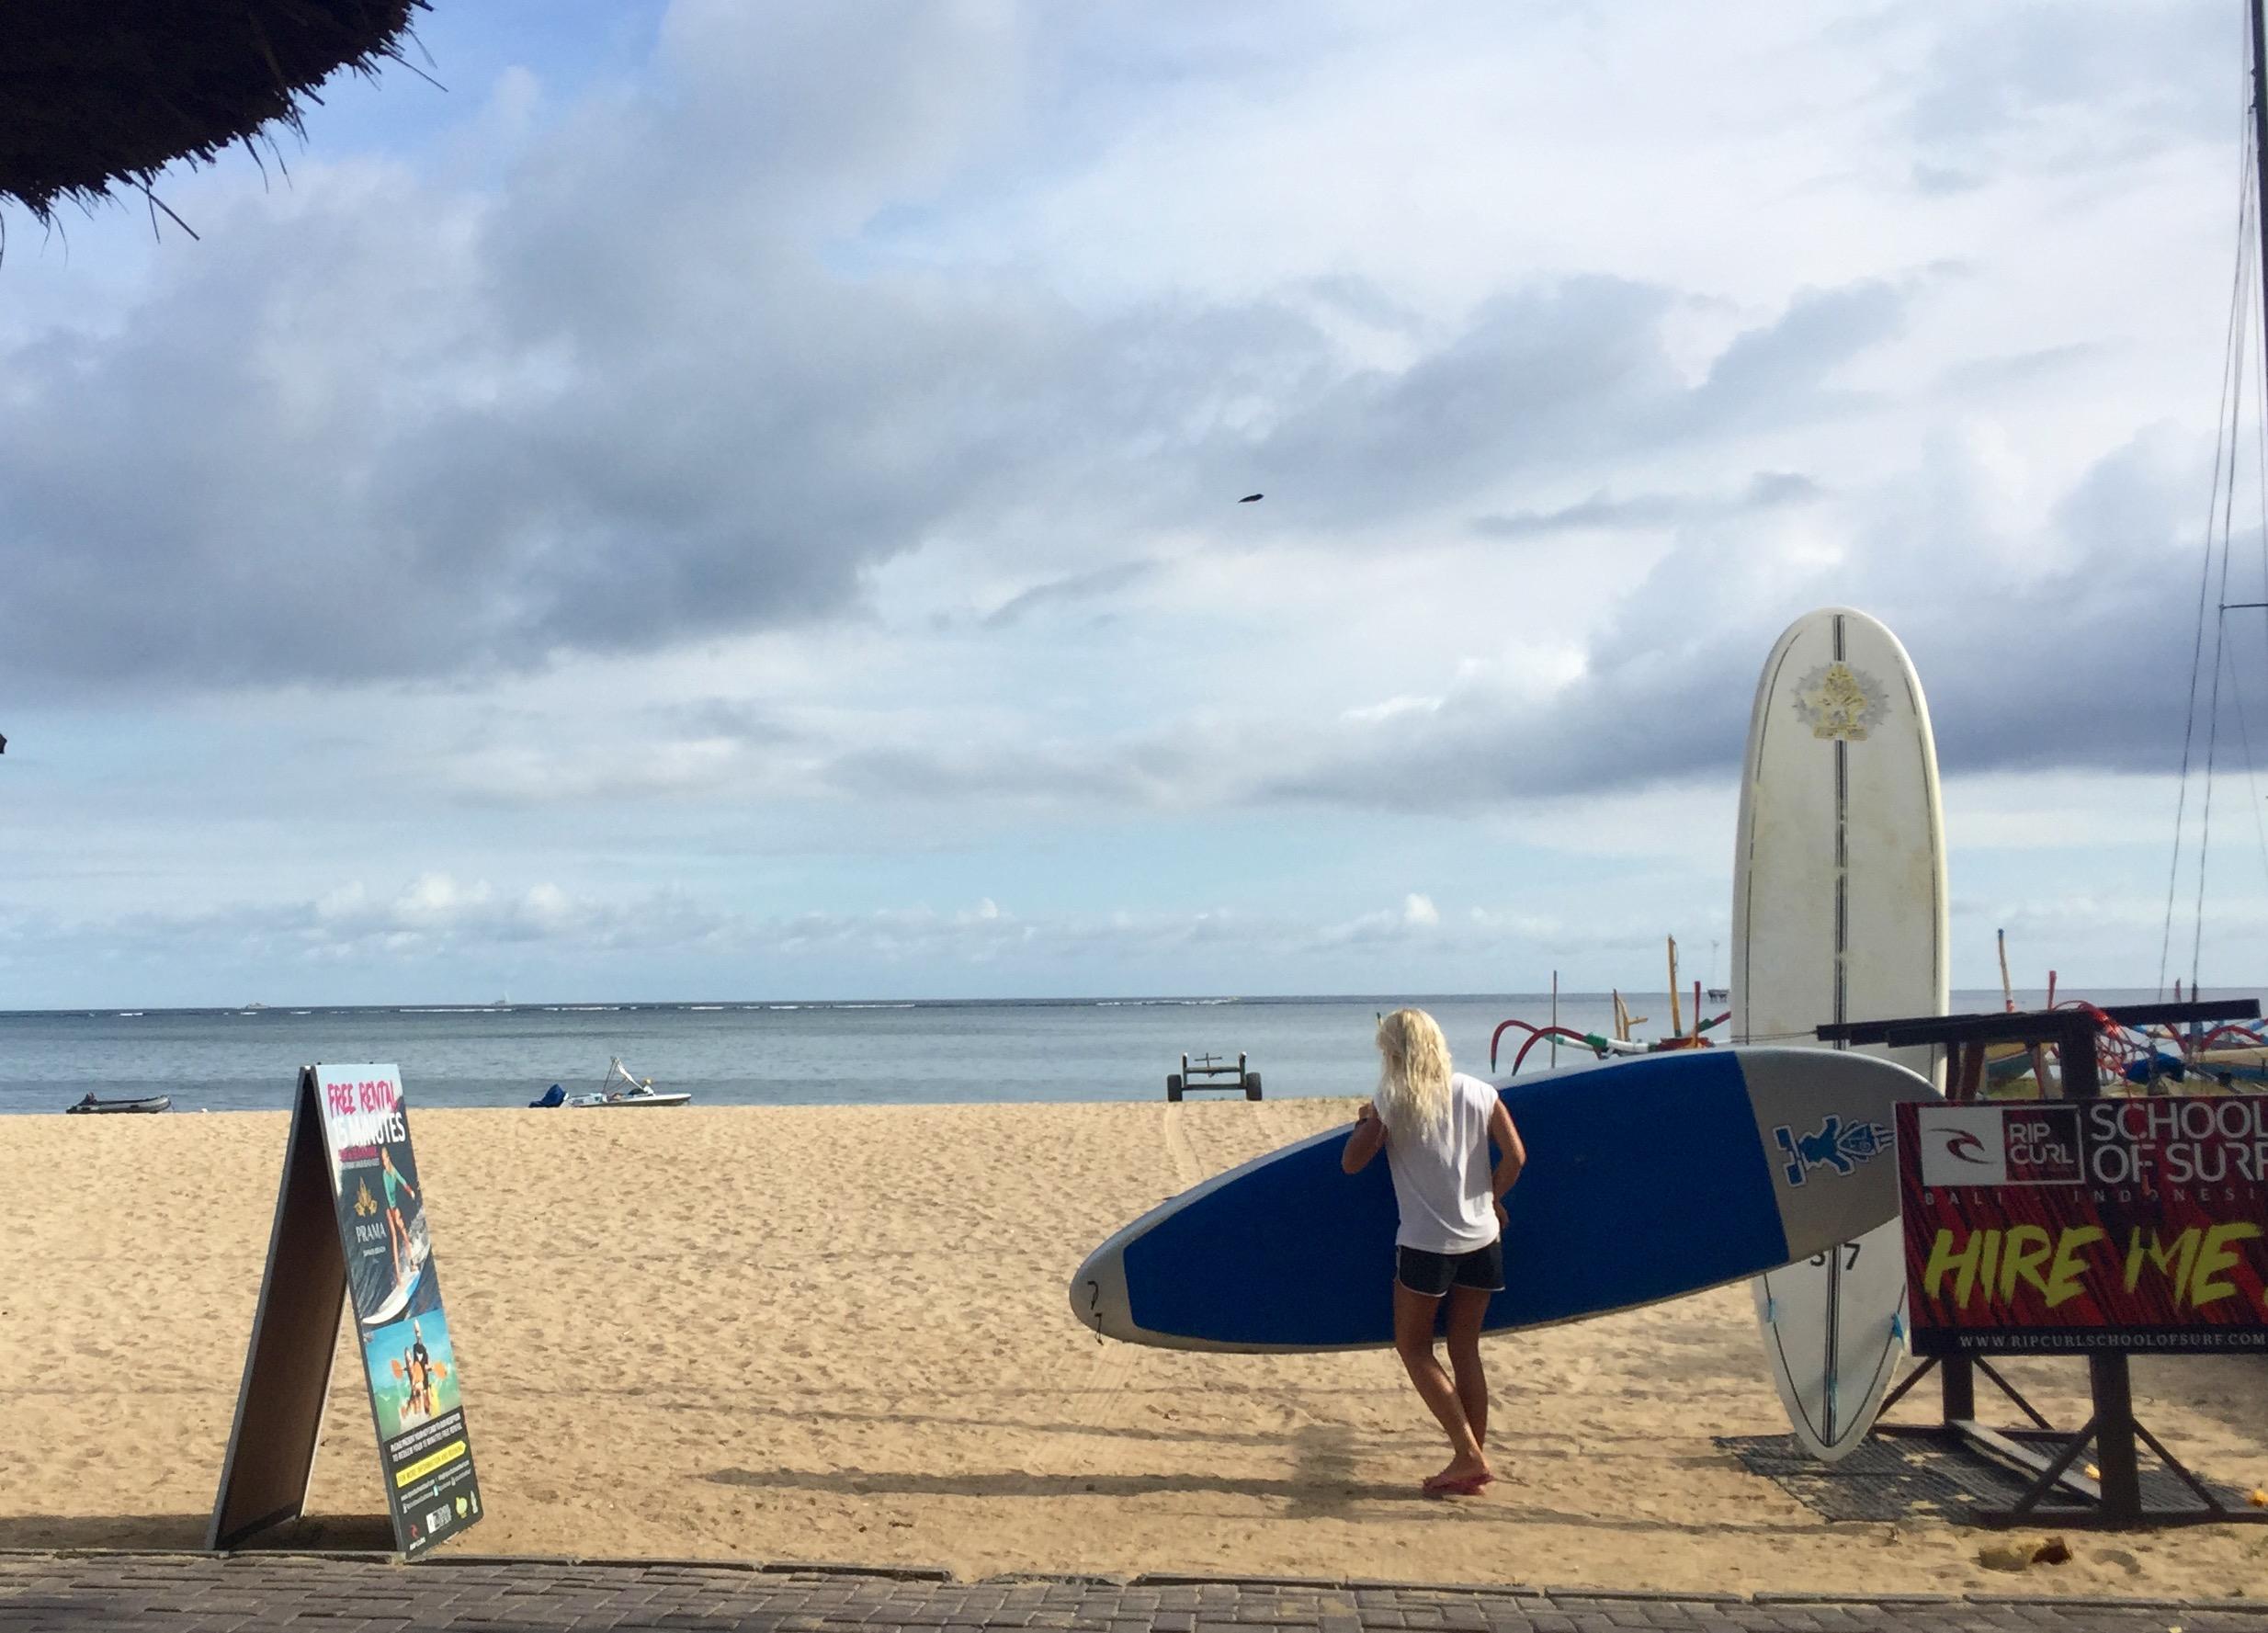 Blir du lei av å ligge på stranden kan du leie surfebrett på Rop Curl-standen.